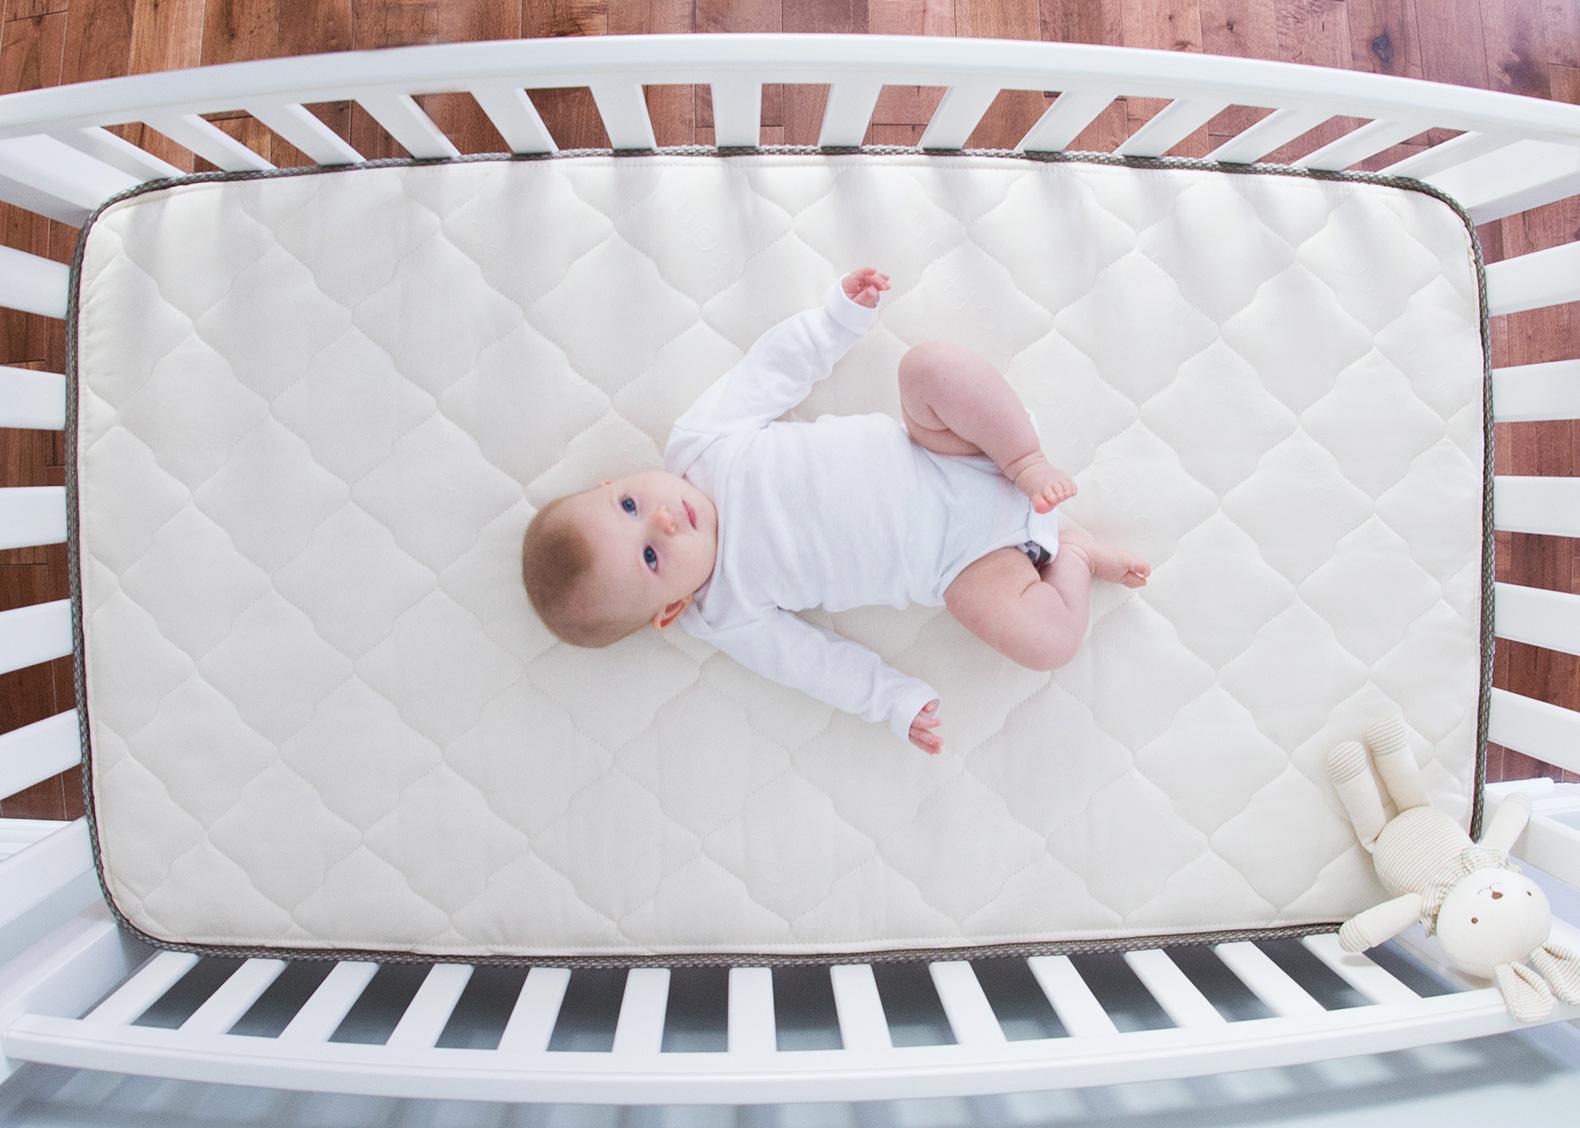 Матрас для новорожденного. Как выбрать и как следить?